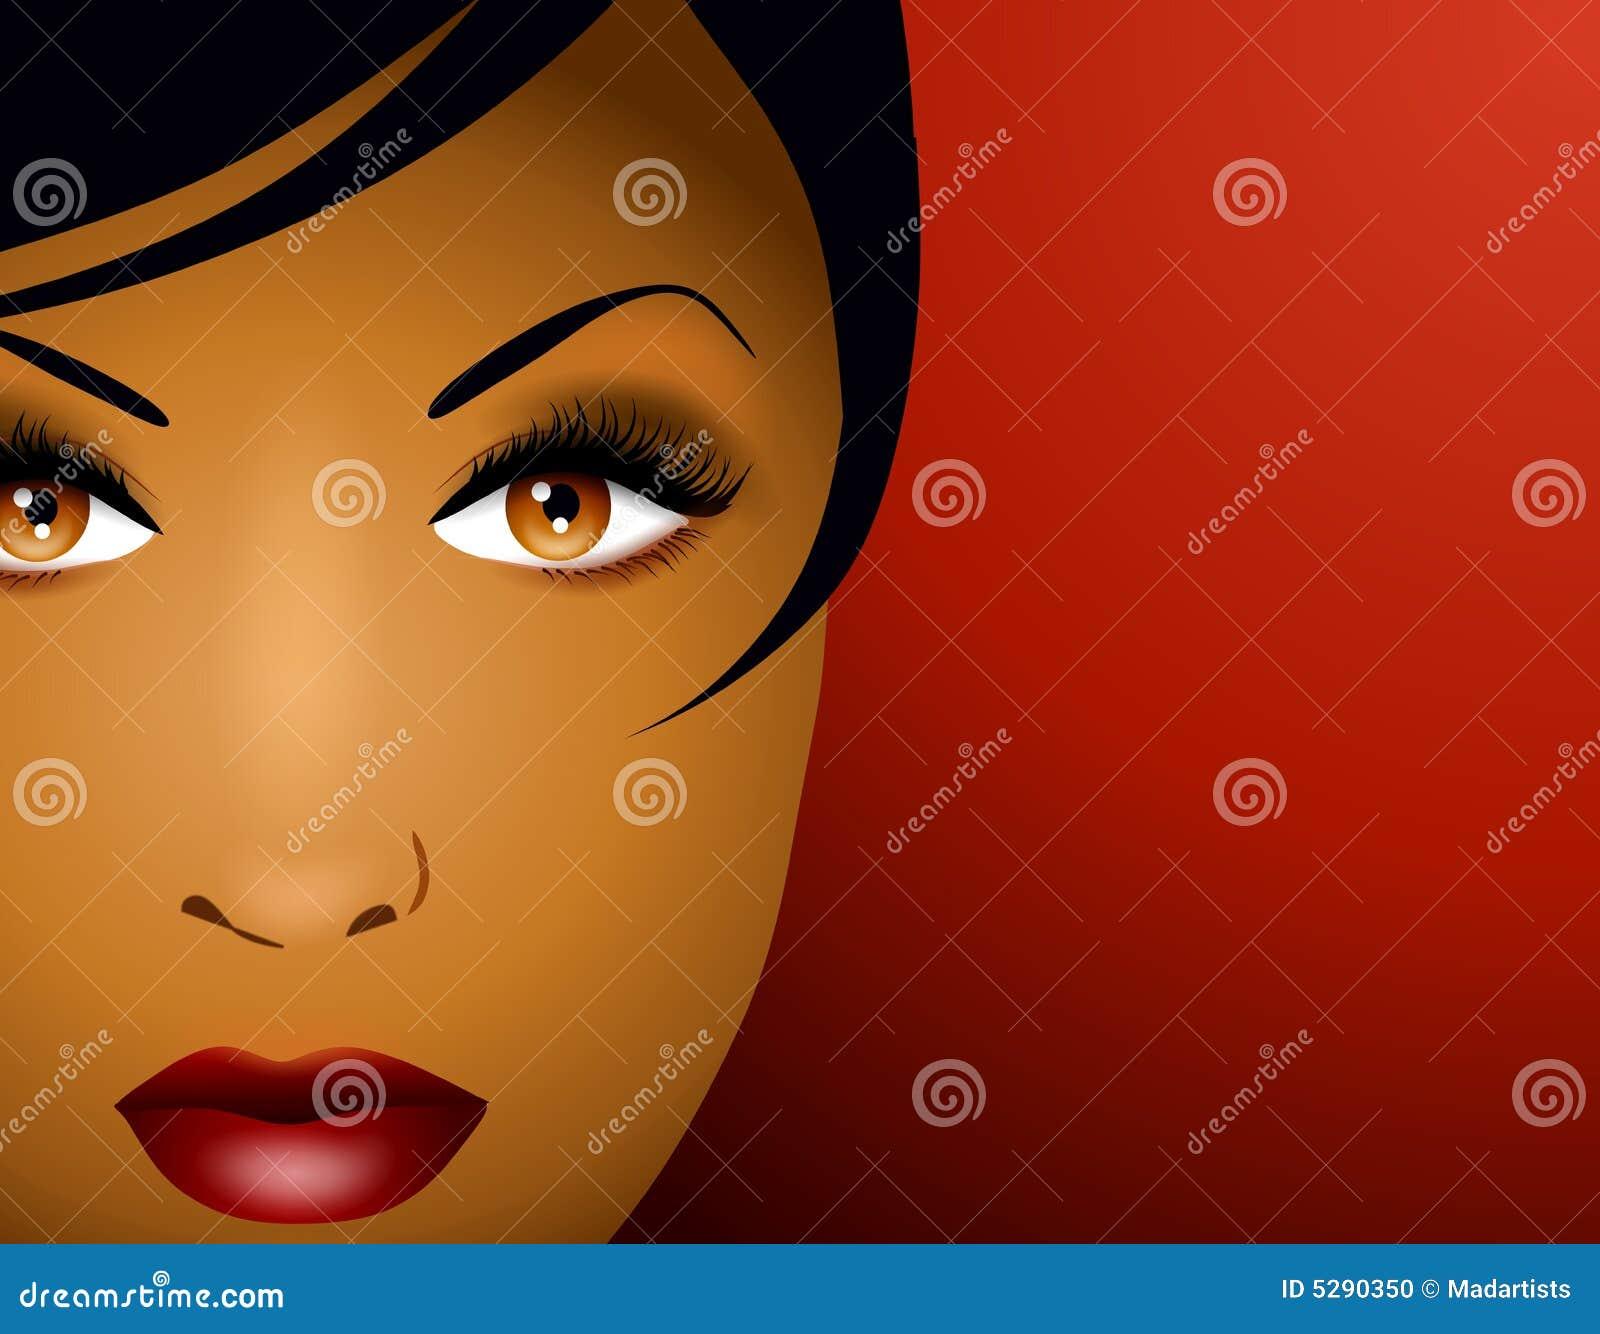 Beautiful Face of Woman 2